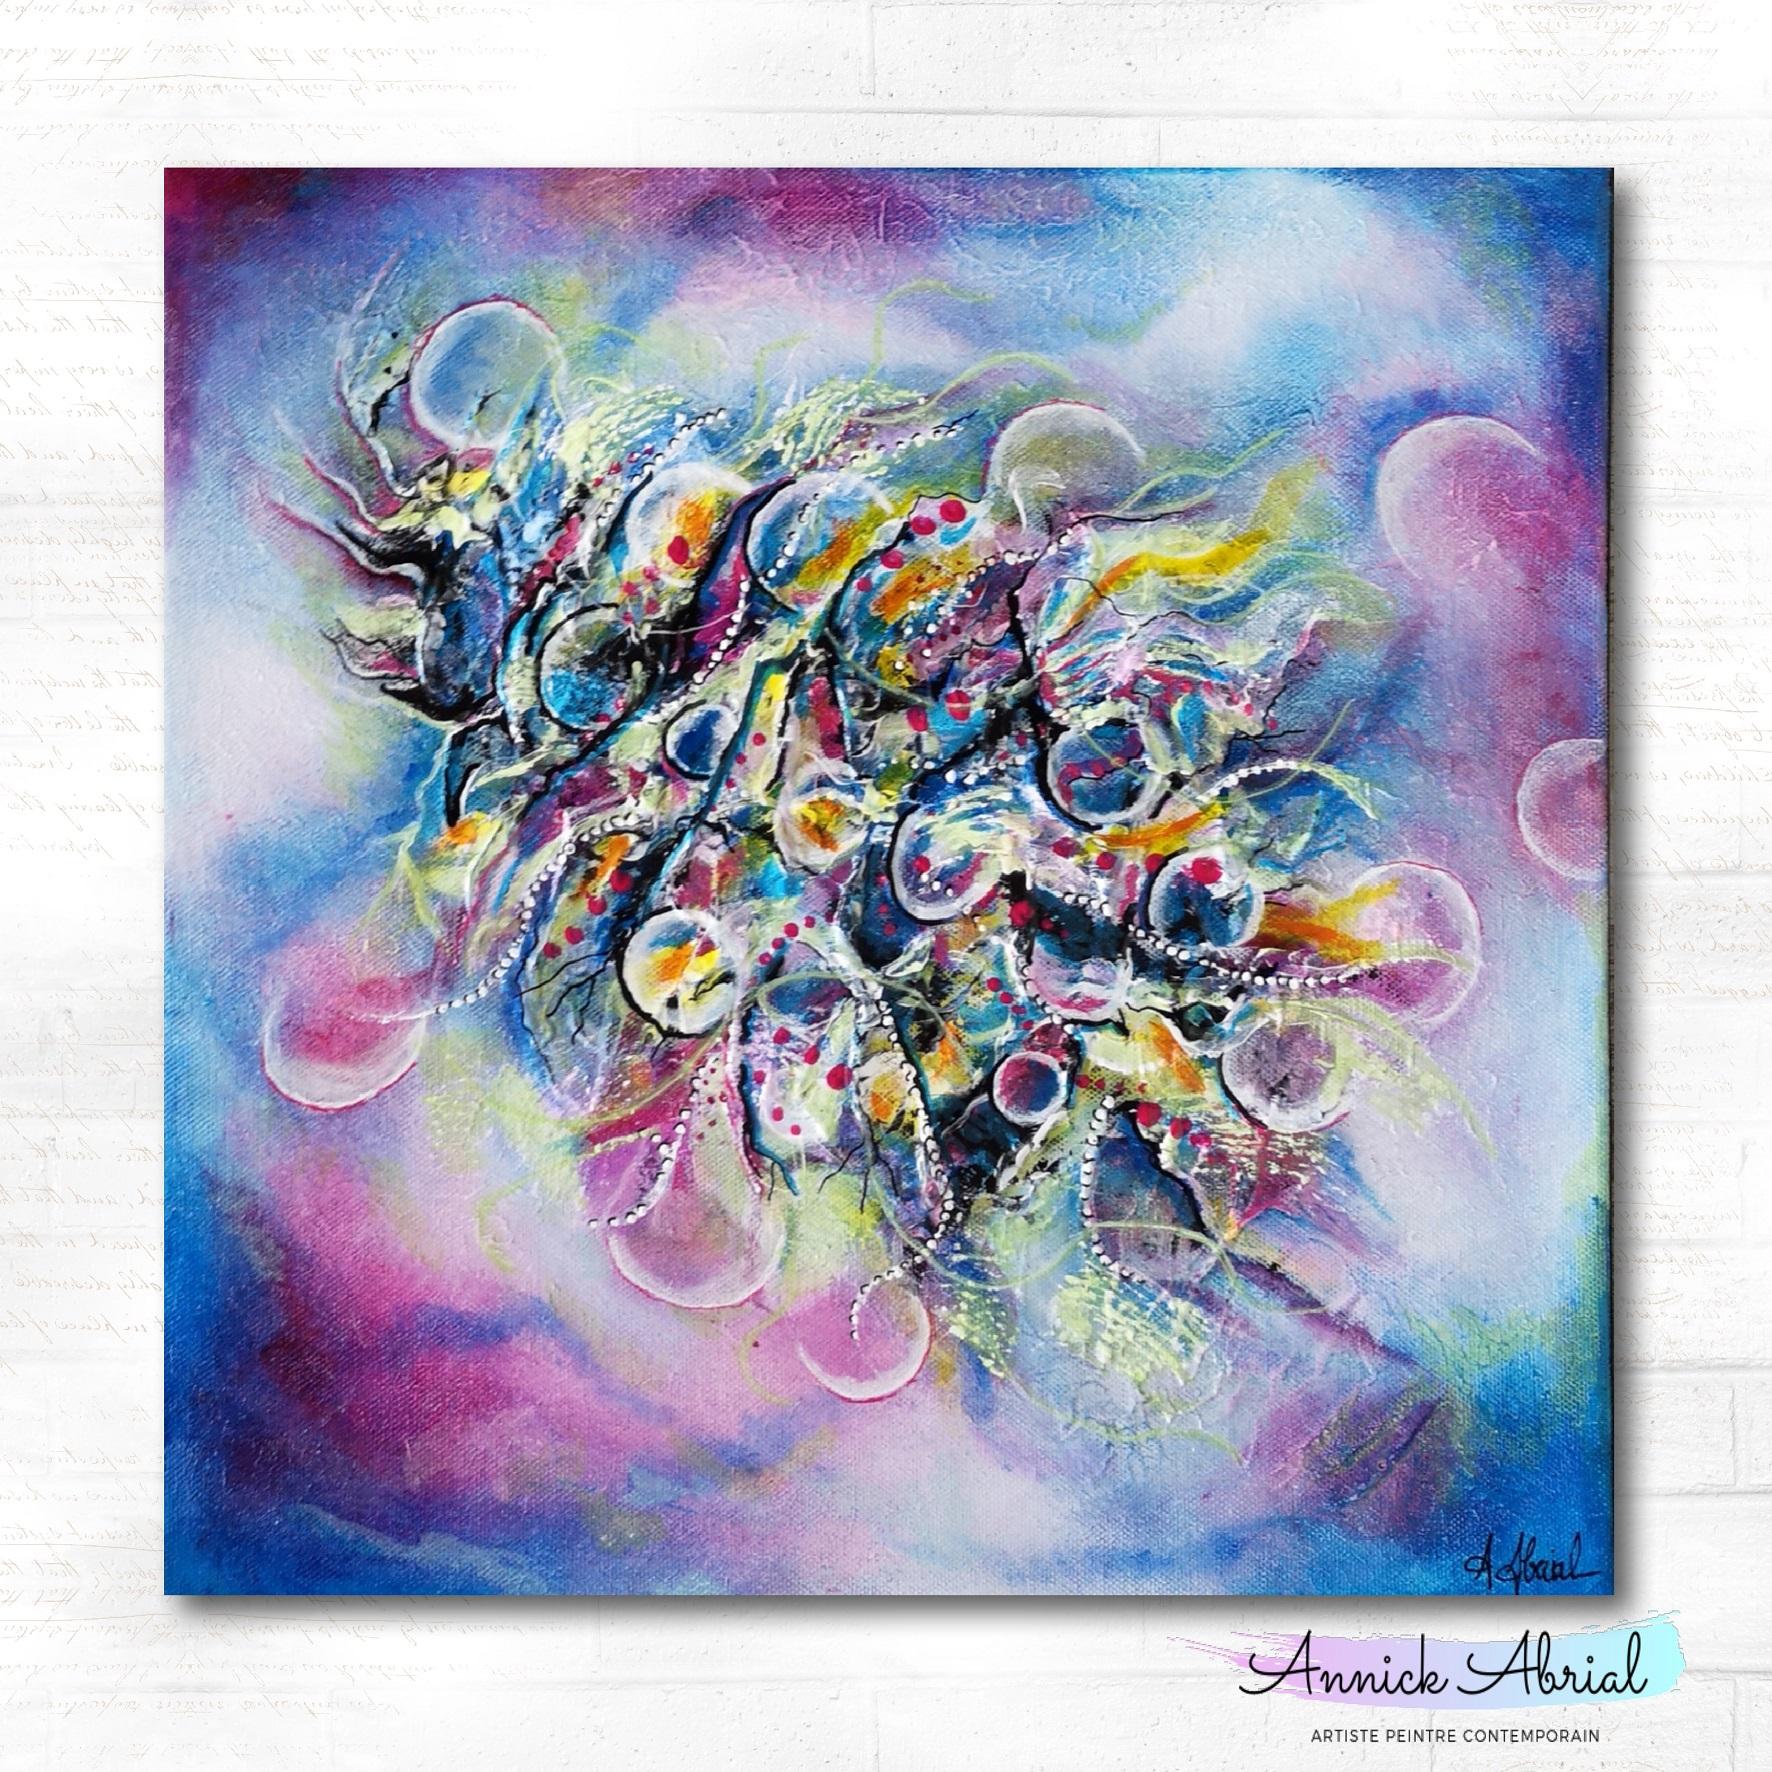 Peinture abstraite acrylique - Annick Abrial